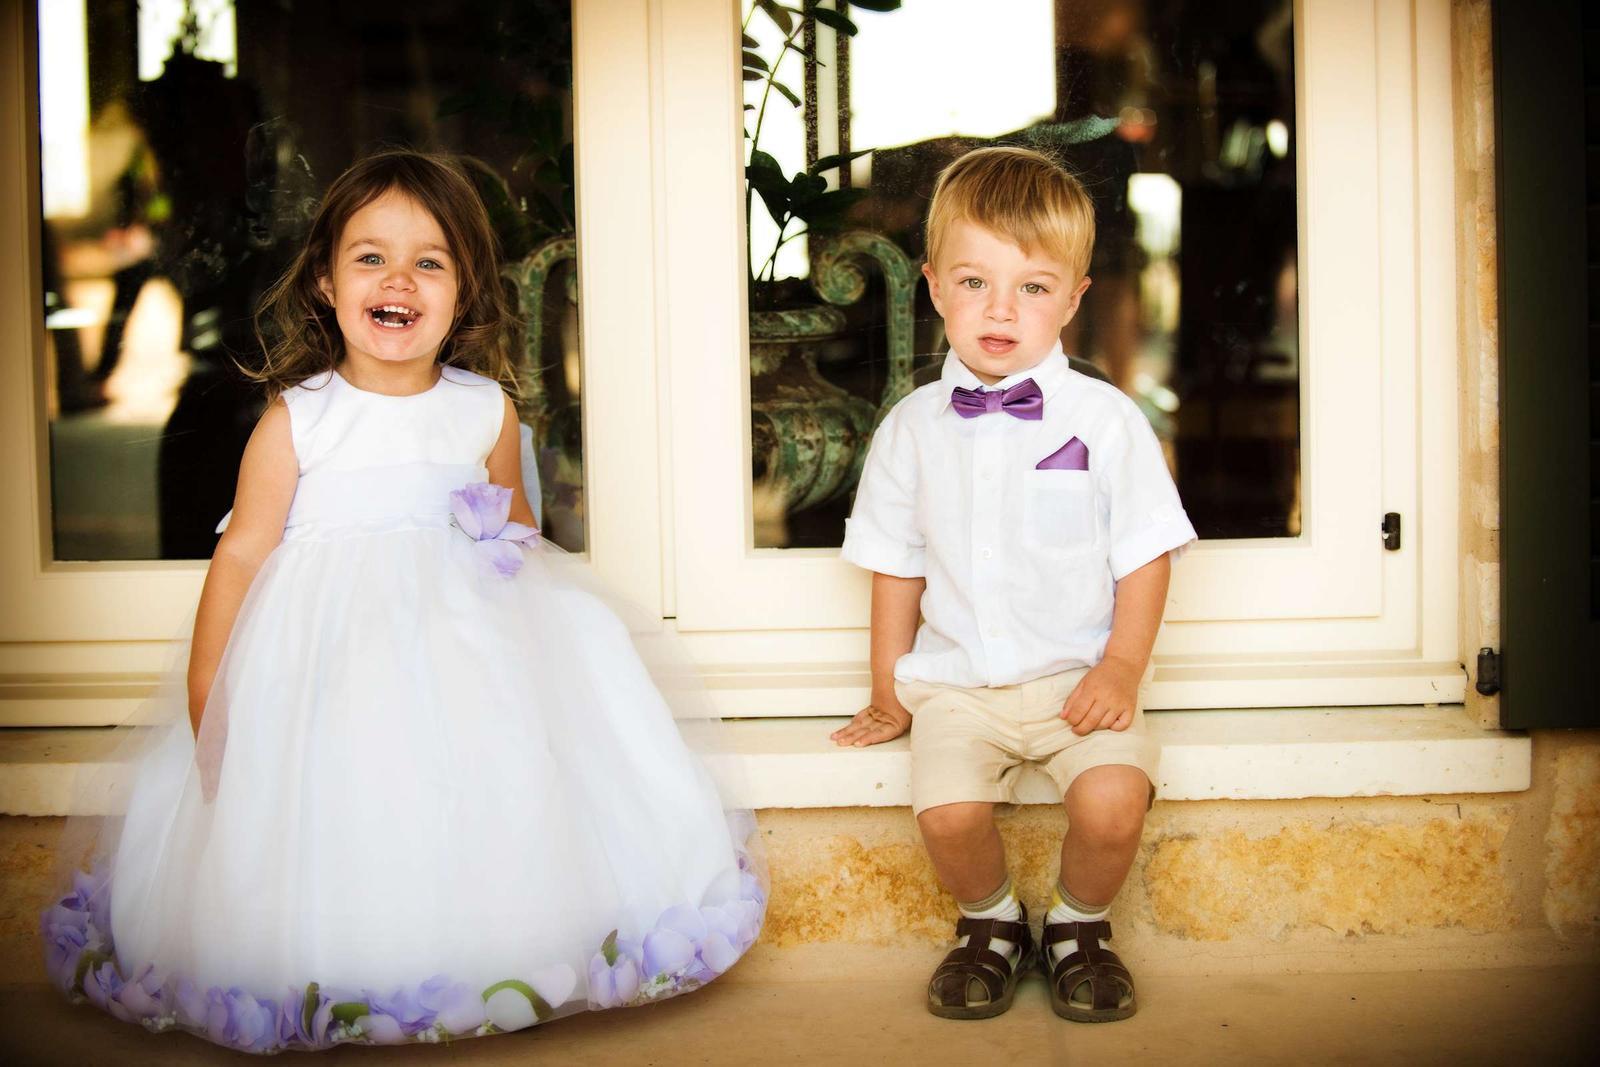 Fotky s deťmi inšpirácie - Obrázok č. 6